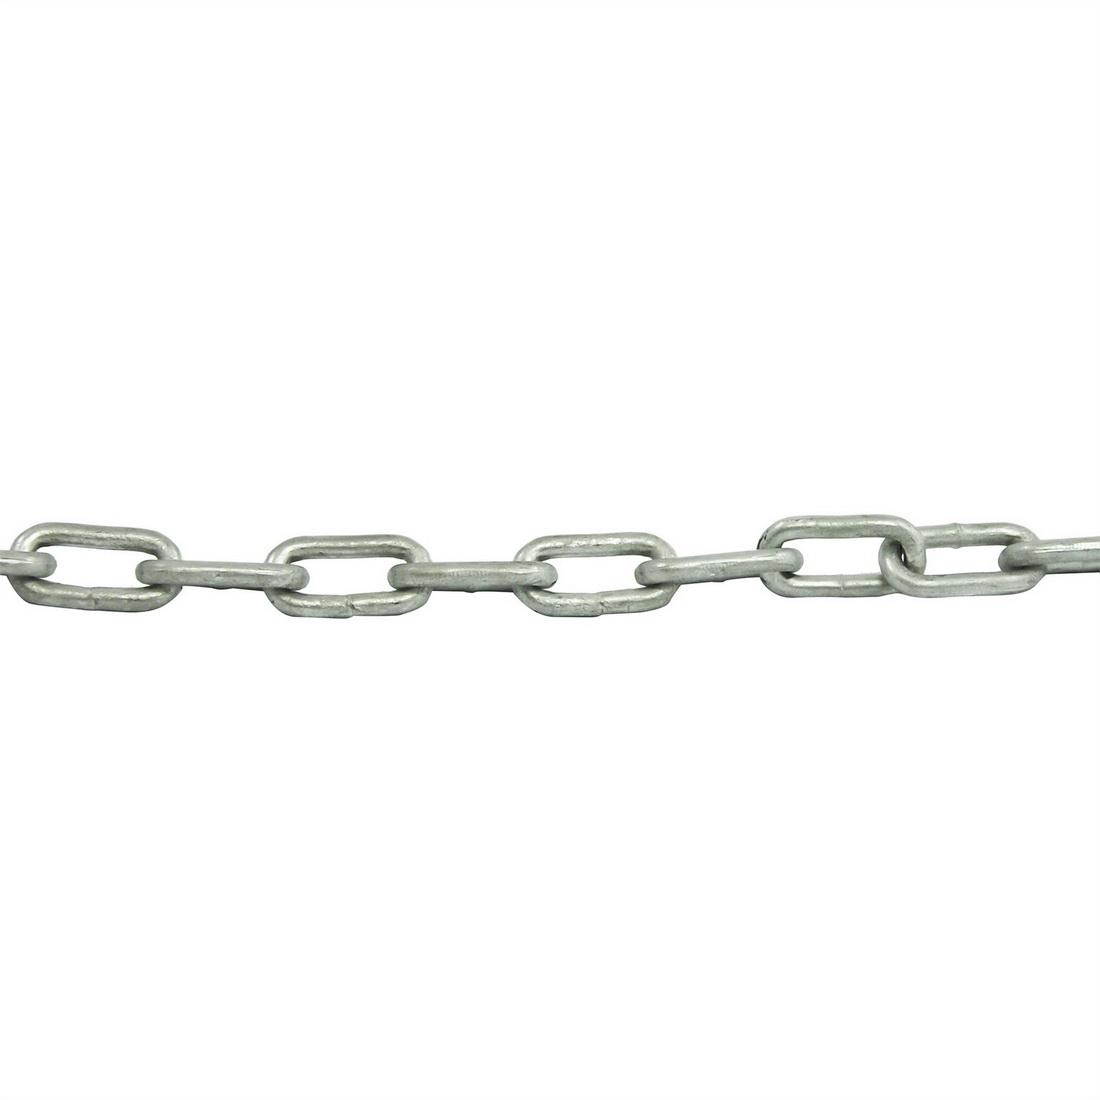 Welded Keg Chain 3mm x 75m 15kg Steel Galvanised JAG1604